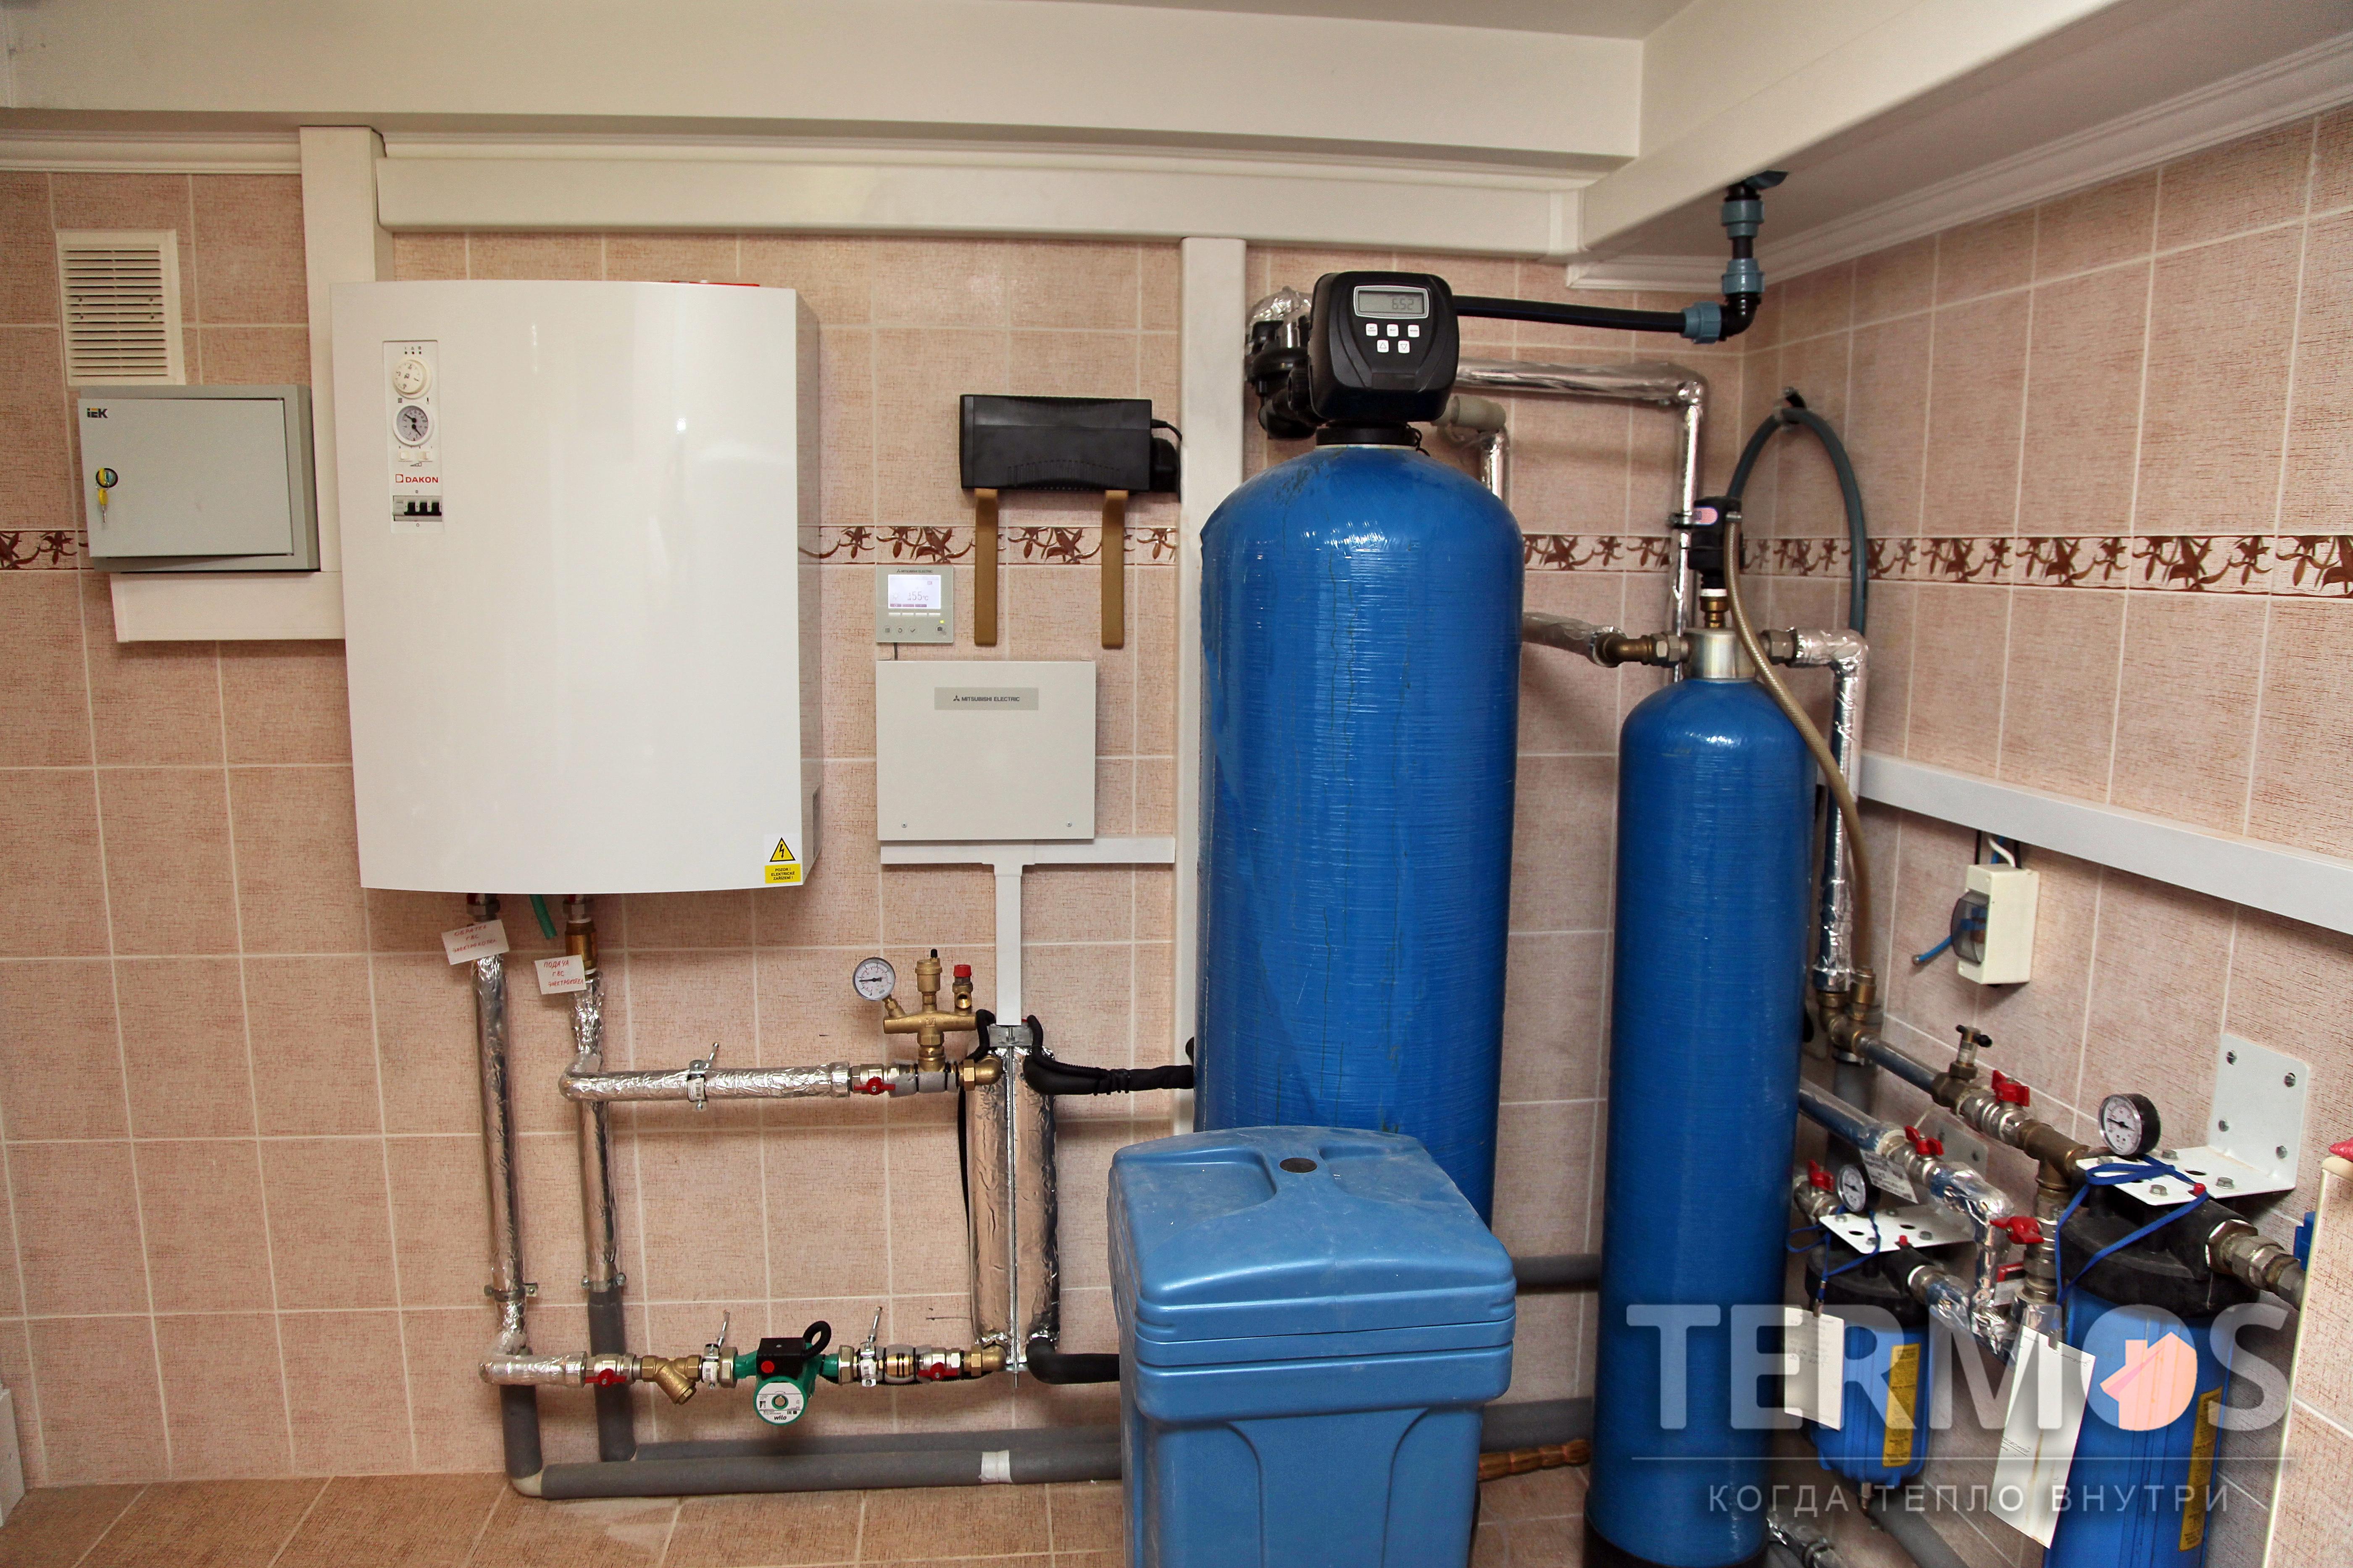 Тепловой насос обеспечивает экономичное отопление дома и приготовление горячей воды в основной температурной зоне нашего региона (-10 С) , после чего, при необходимости, подключается доп. нагрев